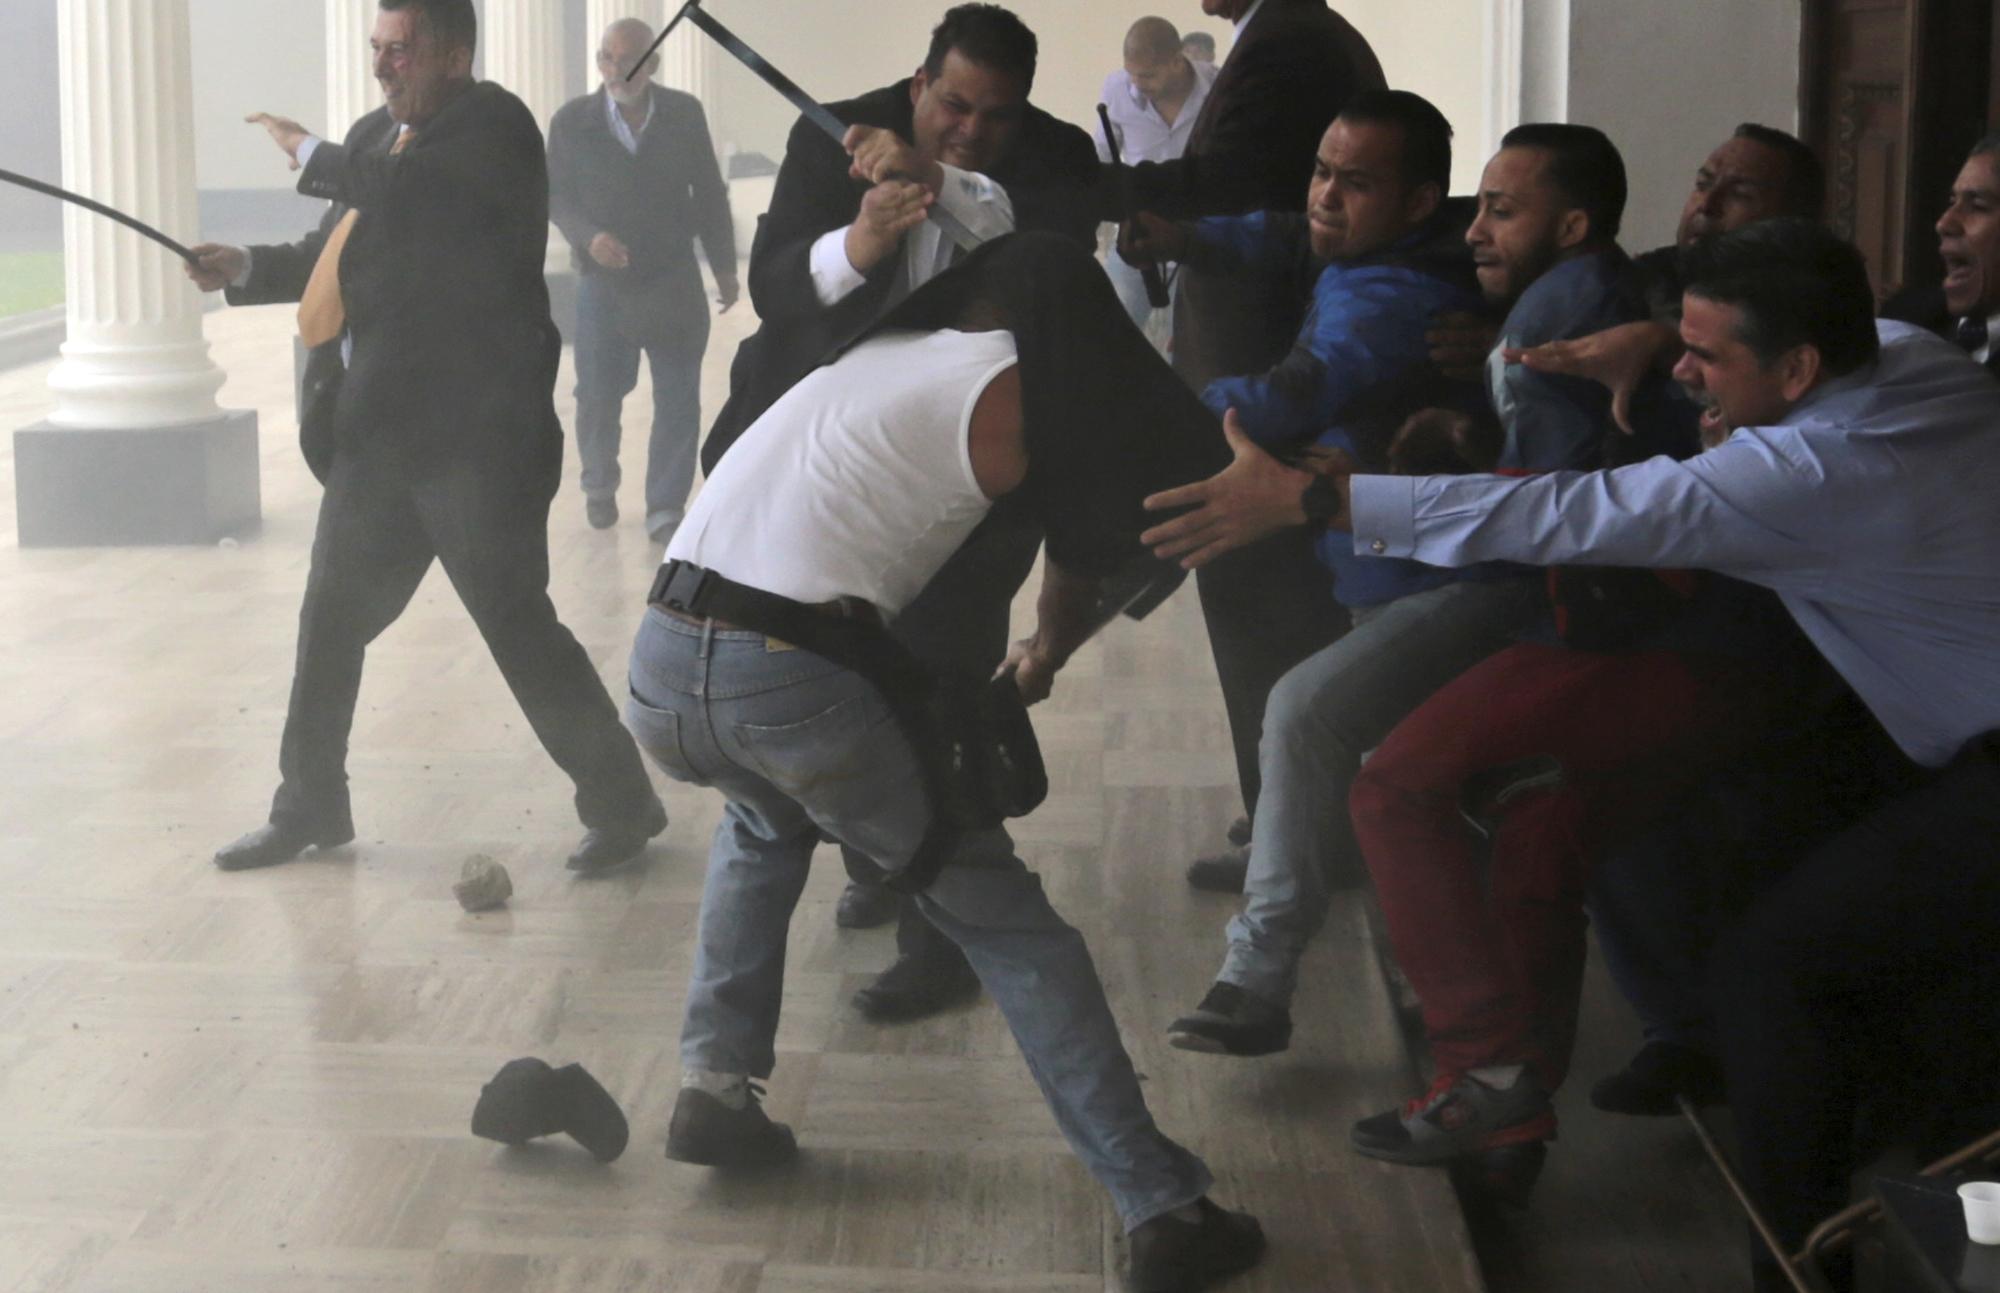 Llano captó el momento en el que las milicias chavistas ingresan violentamente al Palacio Legislativo, el 5 de julio